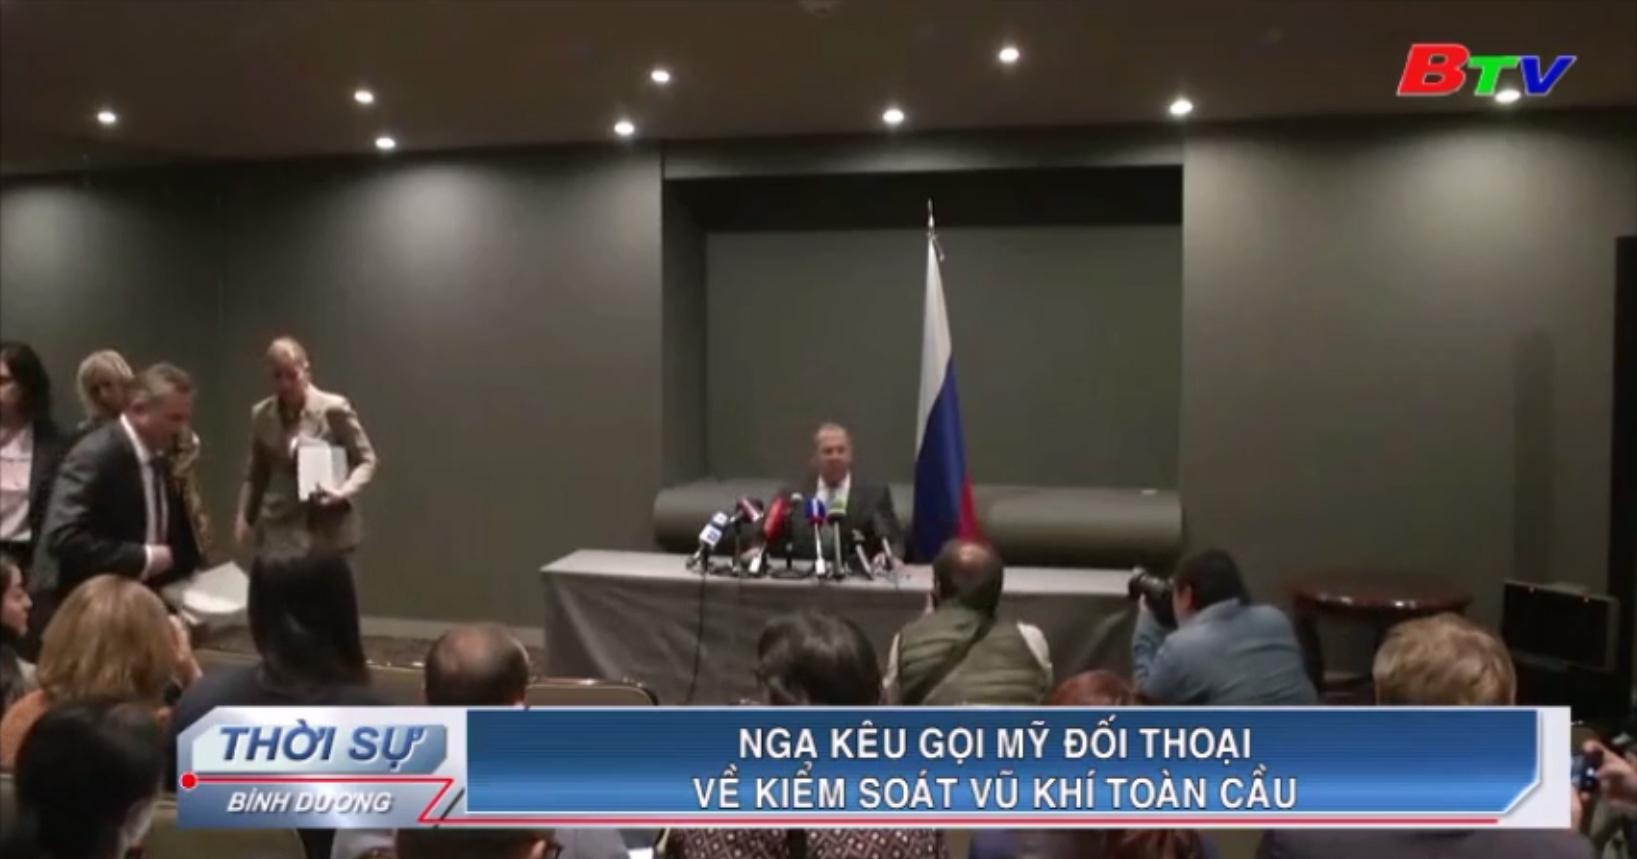 Nga kêu gọi Mỹ đối thoại về kiểm soát vũ khí toàn cầu